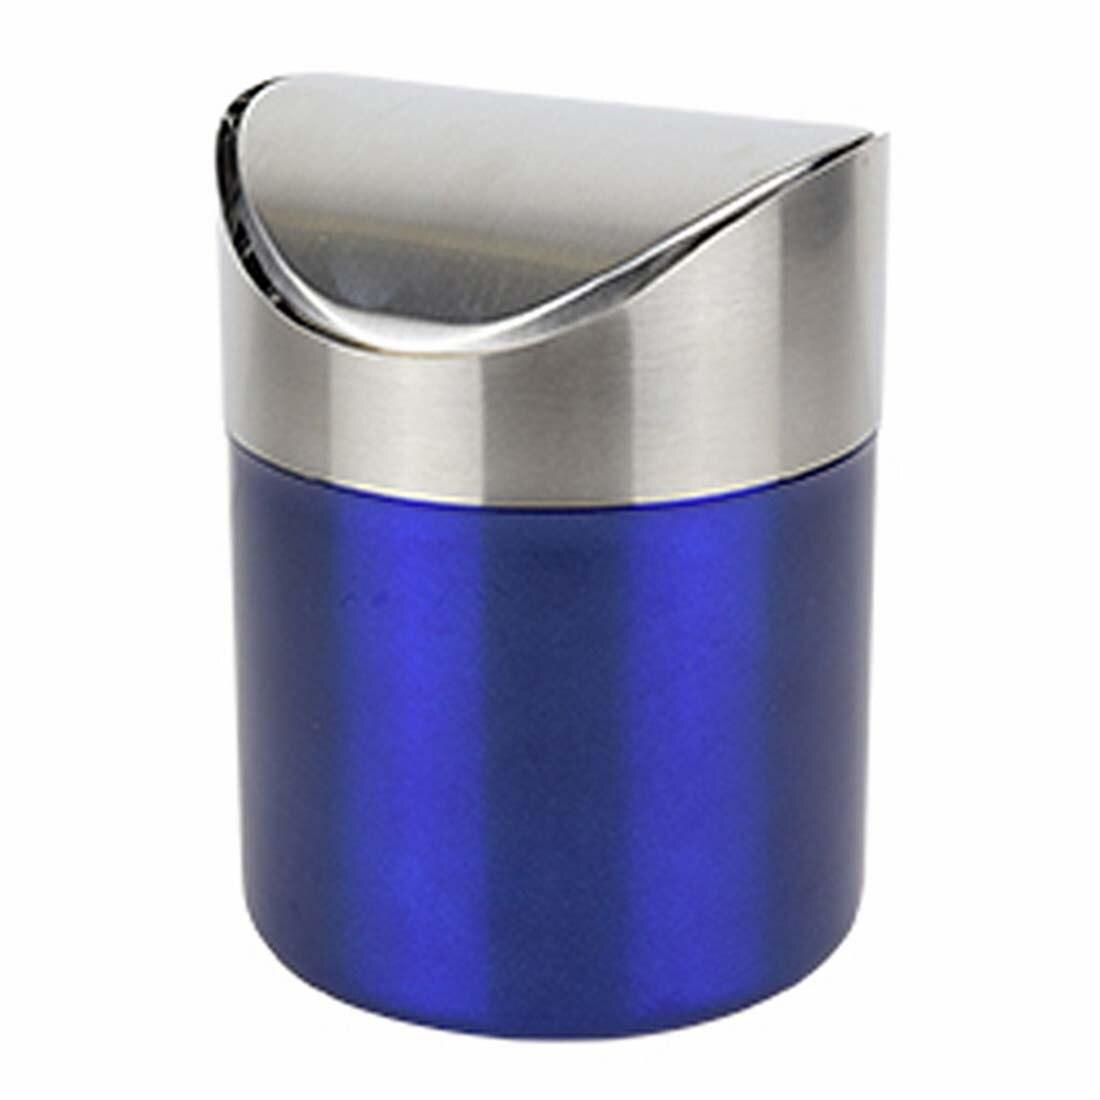 l de mini cocina encimera de acero inoxidable cubo de basura de residuos de basura